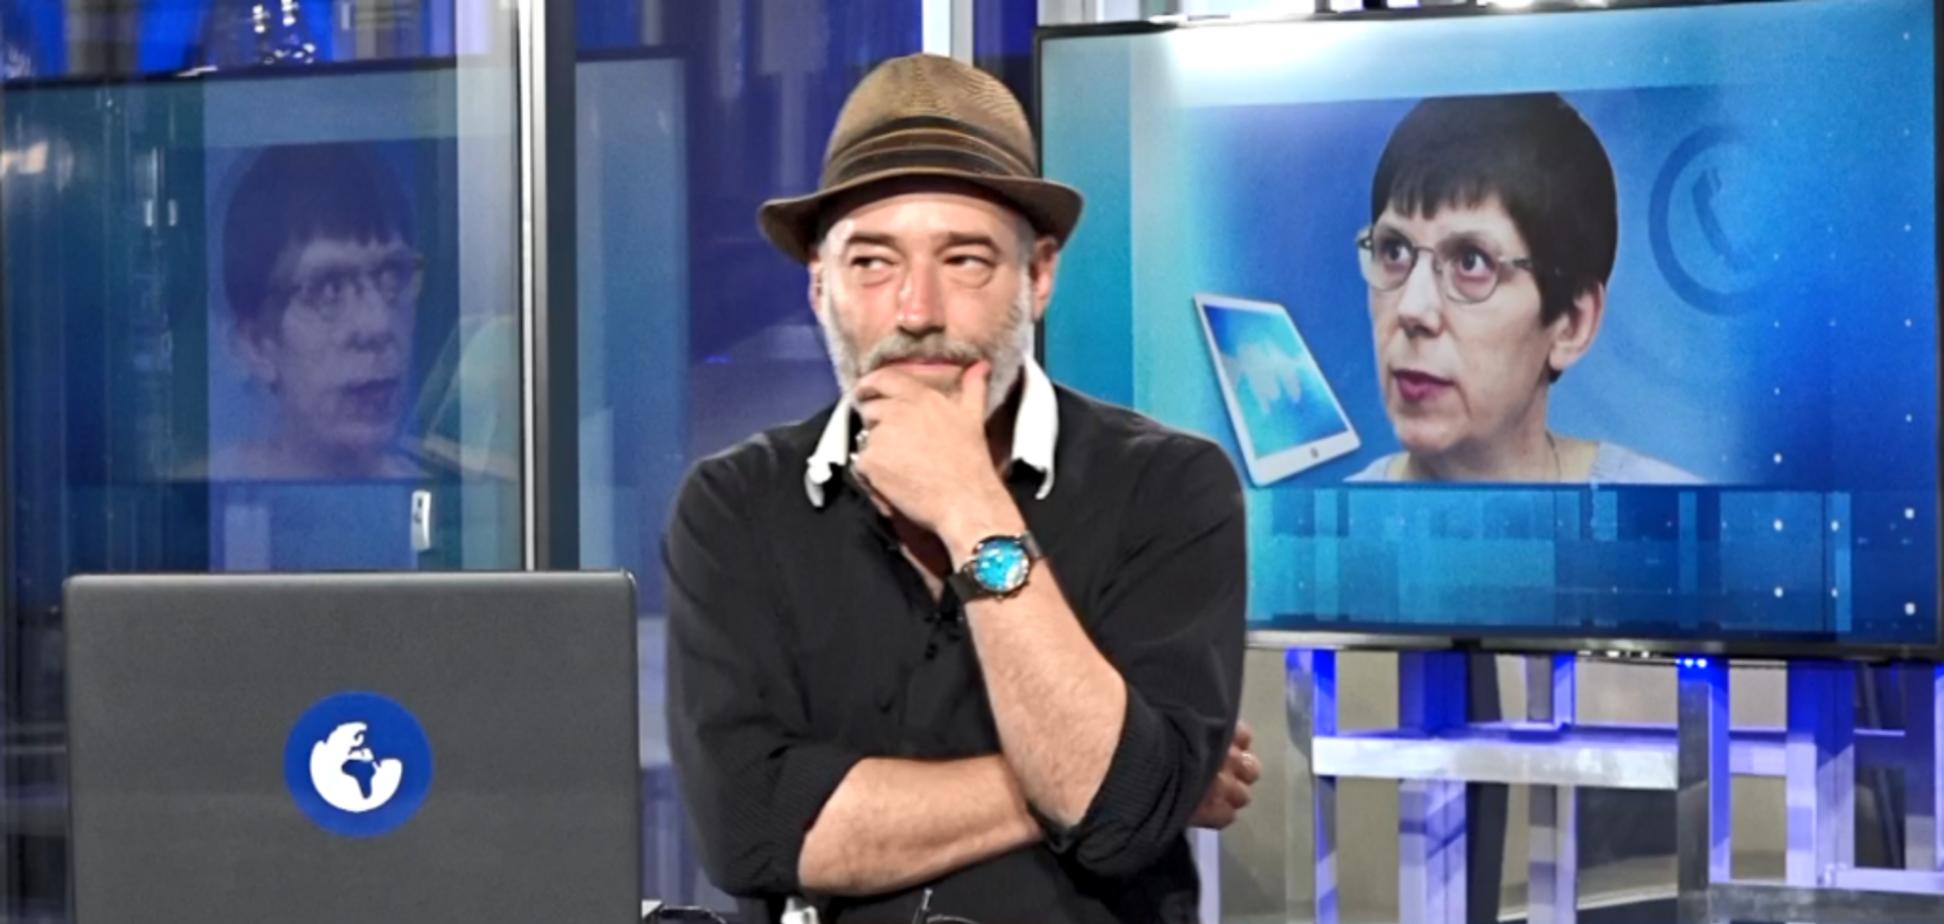 'Йде реванш': відома журналістка про придбання телеканалу соратником Медведчука